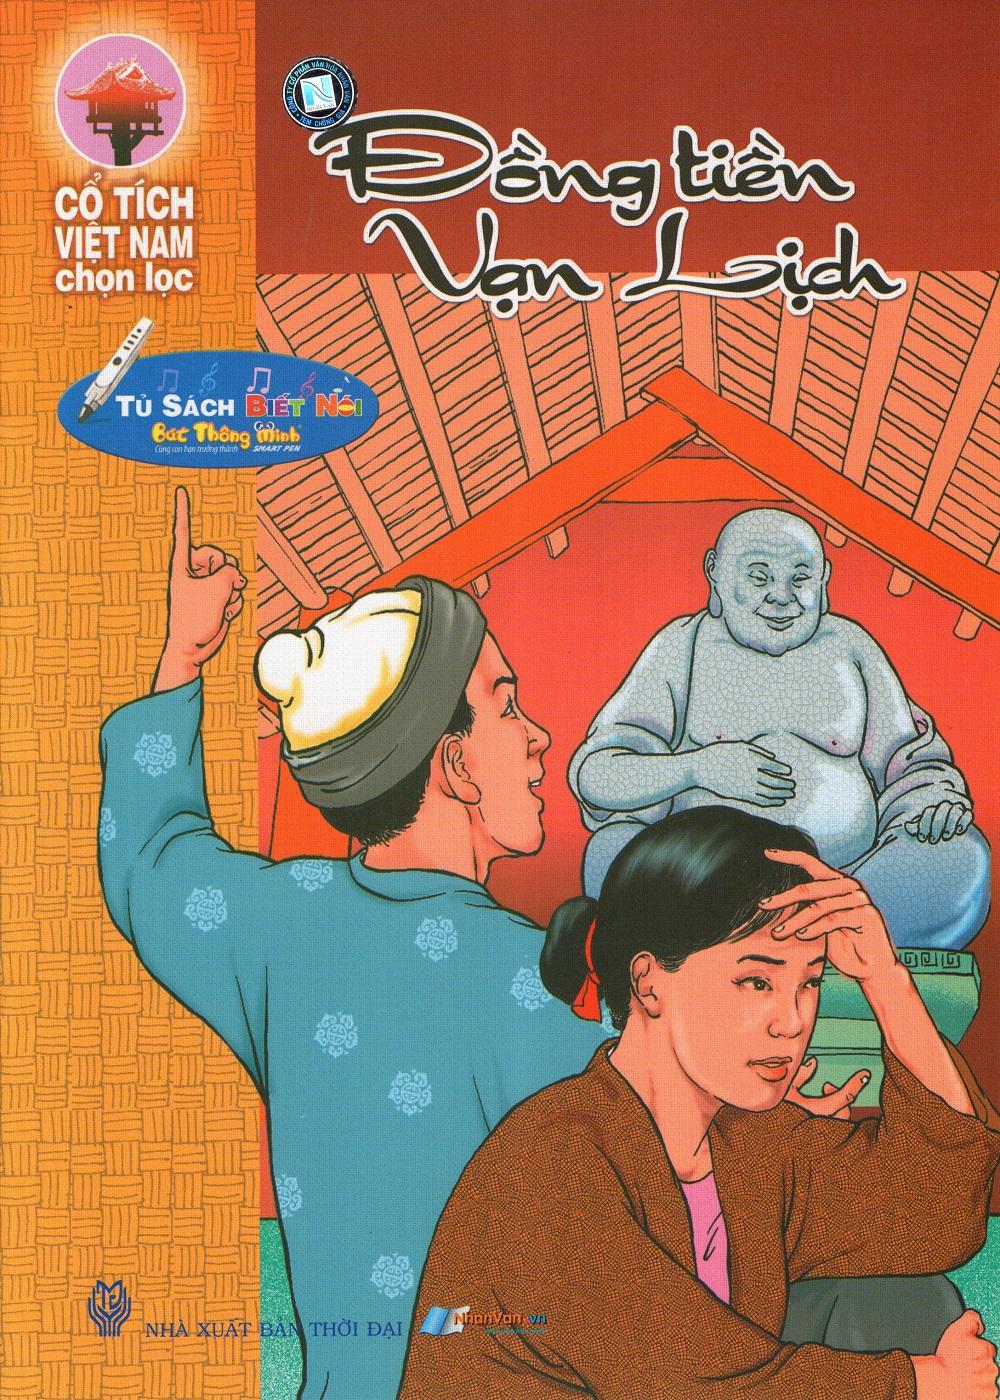 Bìa sách Cổ Tích Việt Nam Chọn Lọc: Đồng Tiền Vạn Hạnh